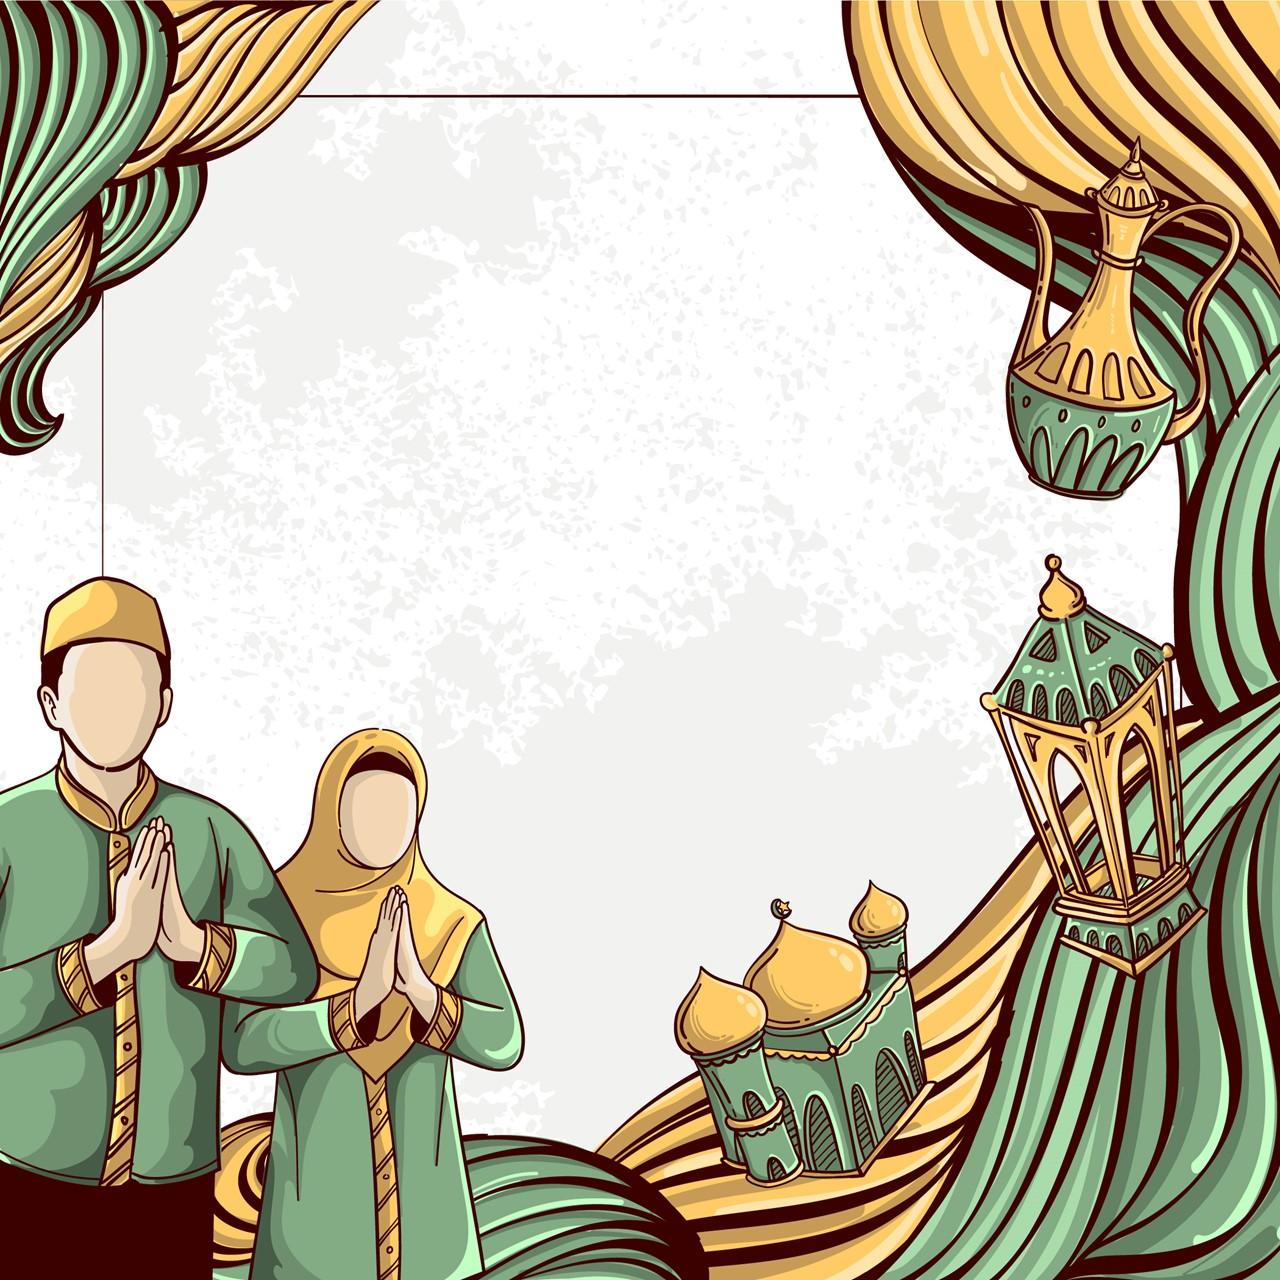 خلفيات بوربوينت اسلامية